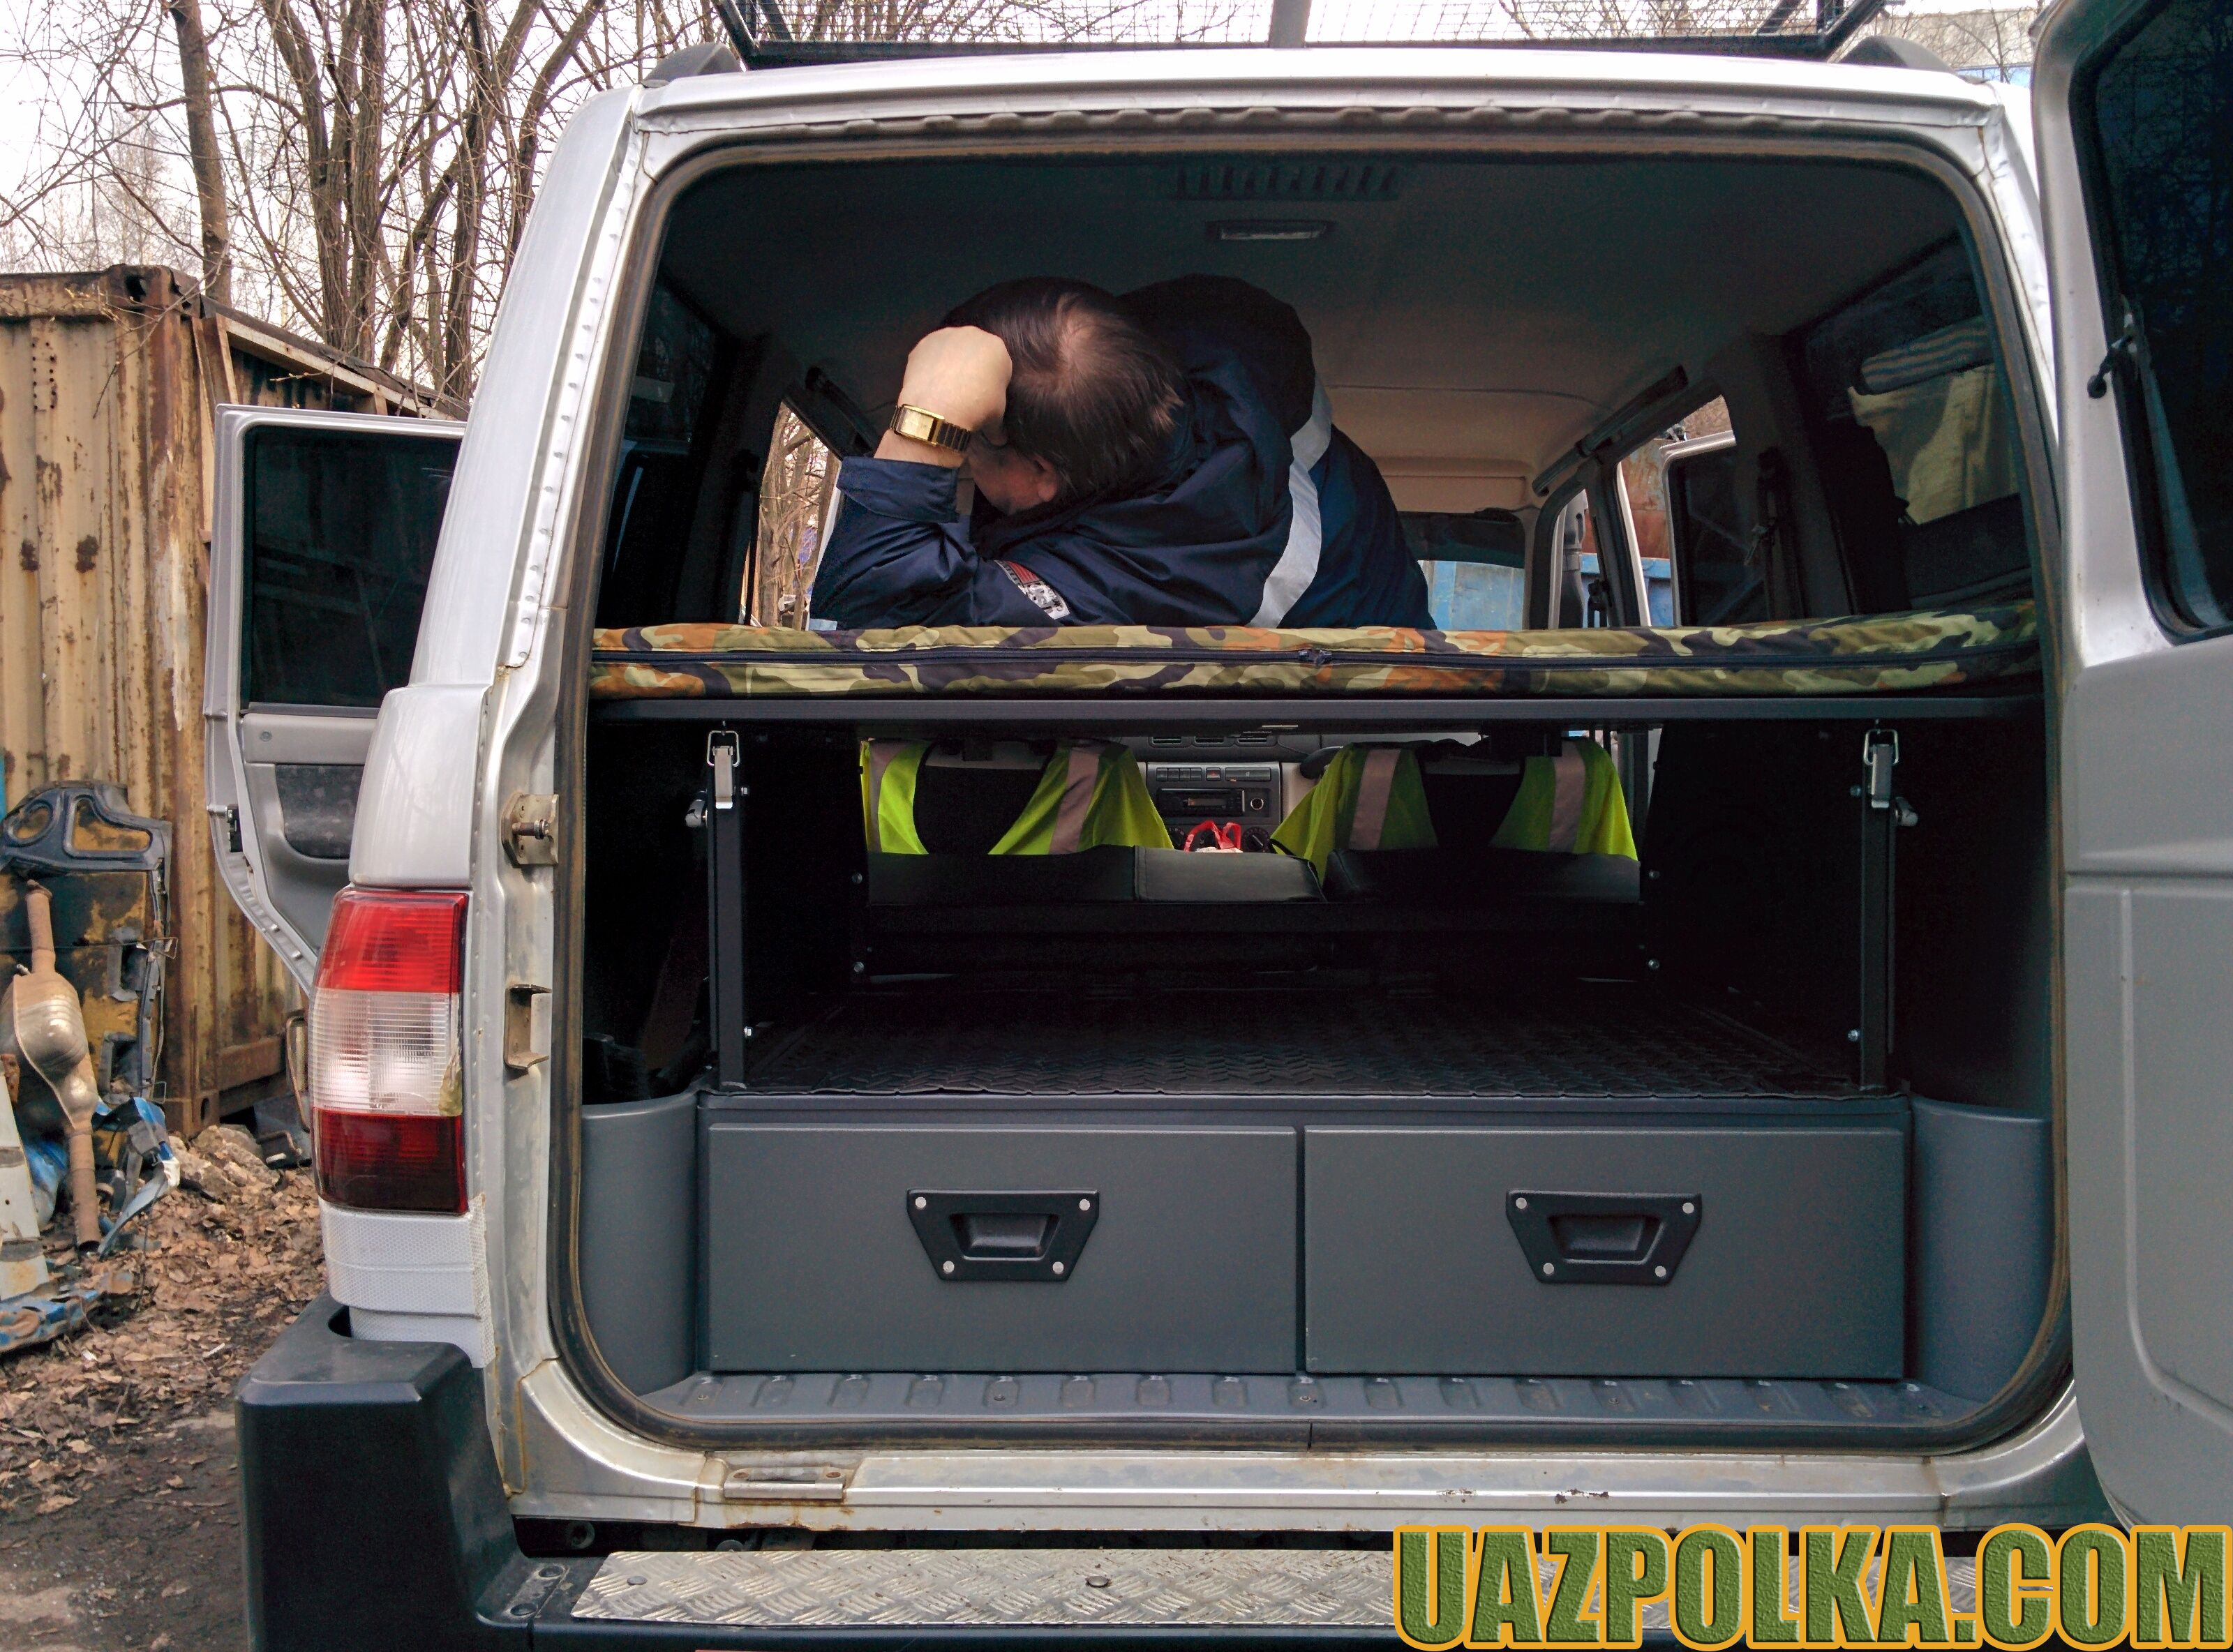 Полка Эконом New с лежанкой на ящиках стороннего производителя_13